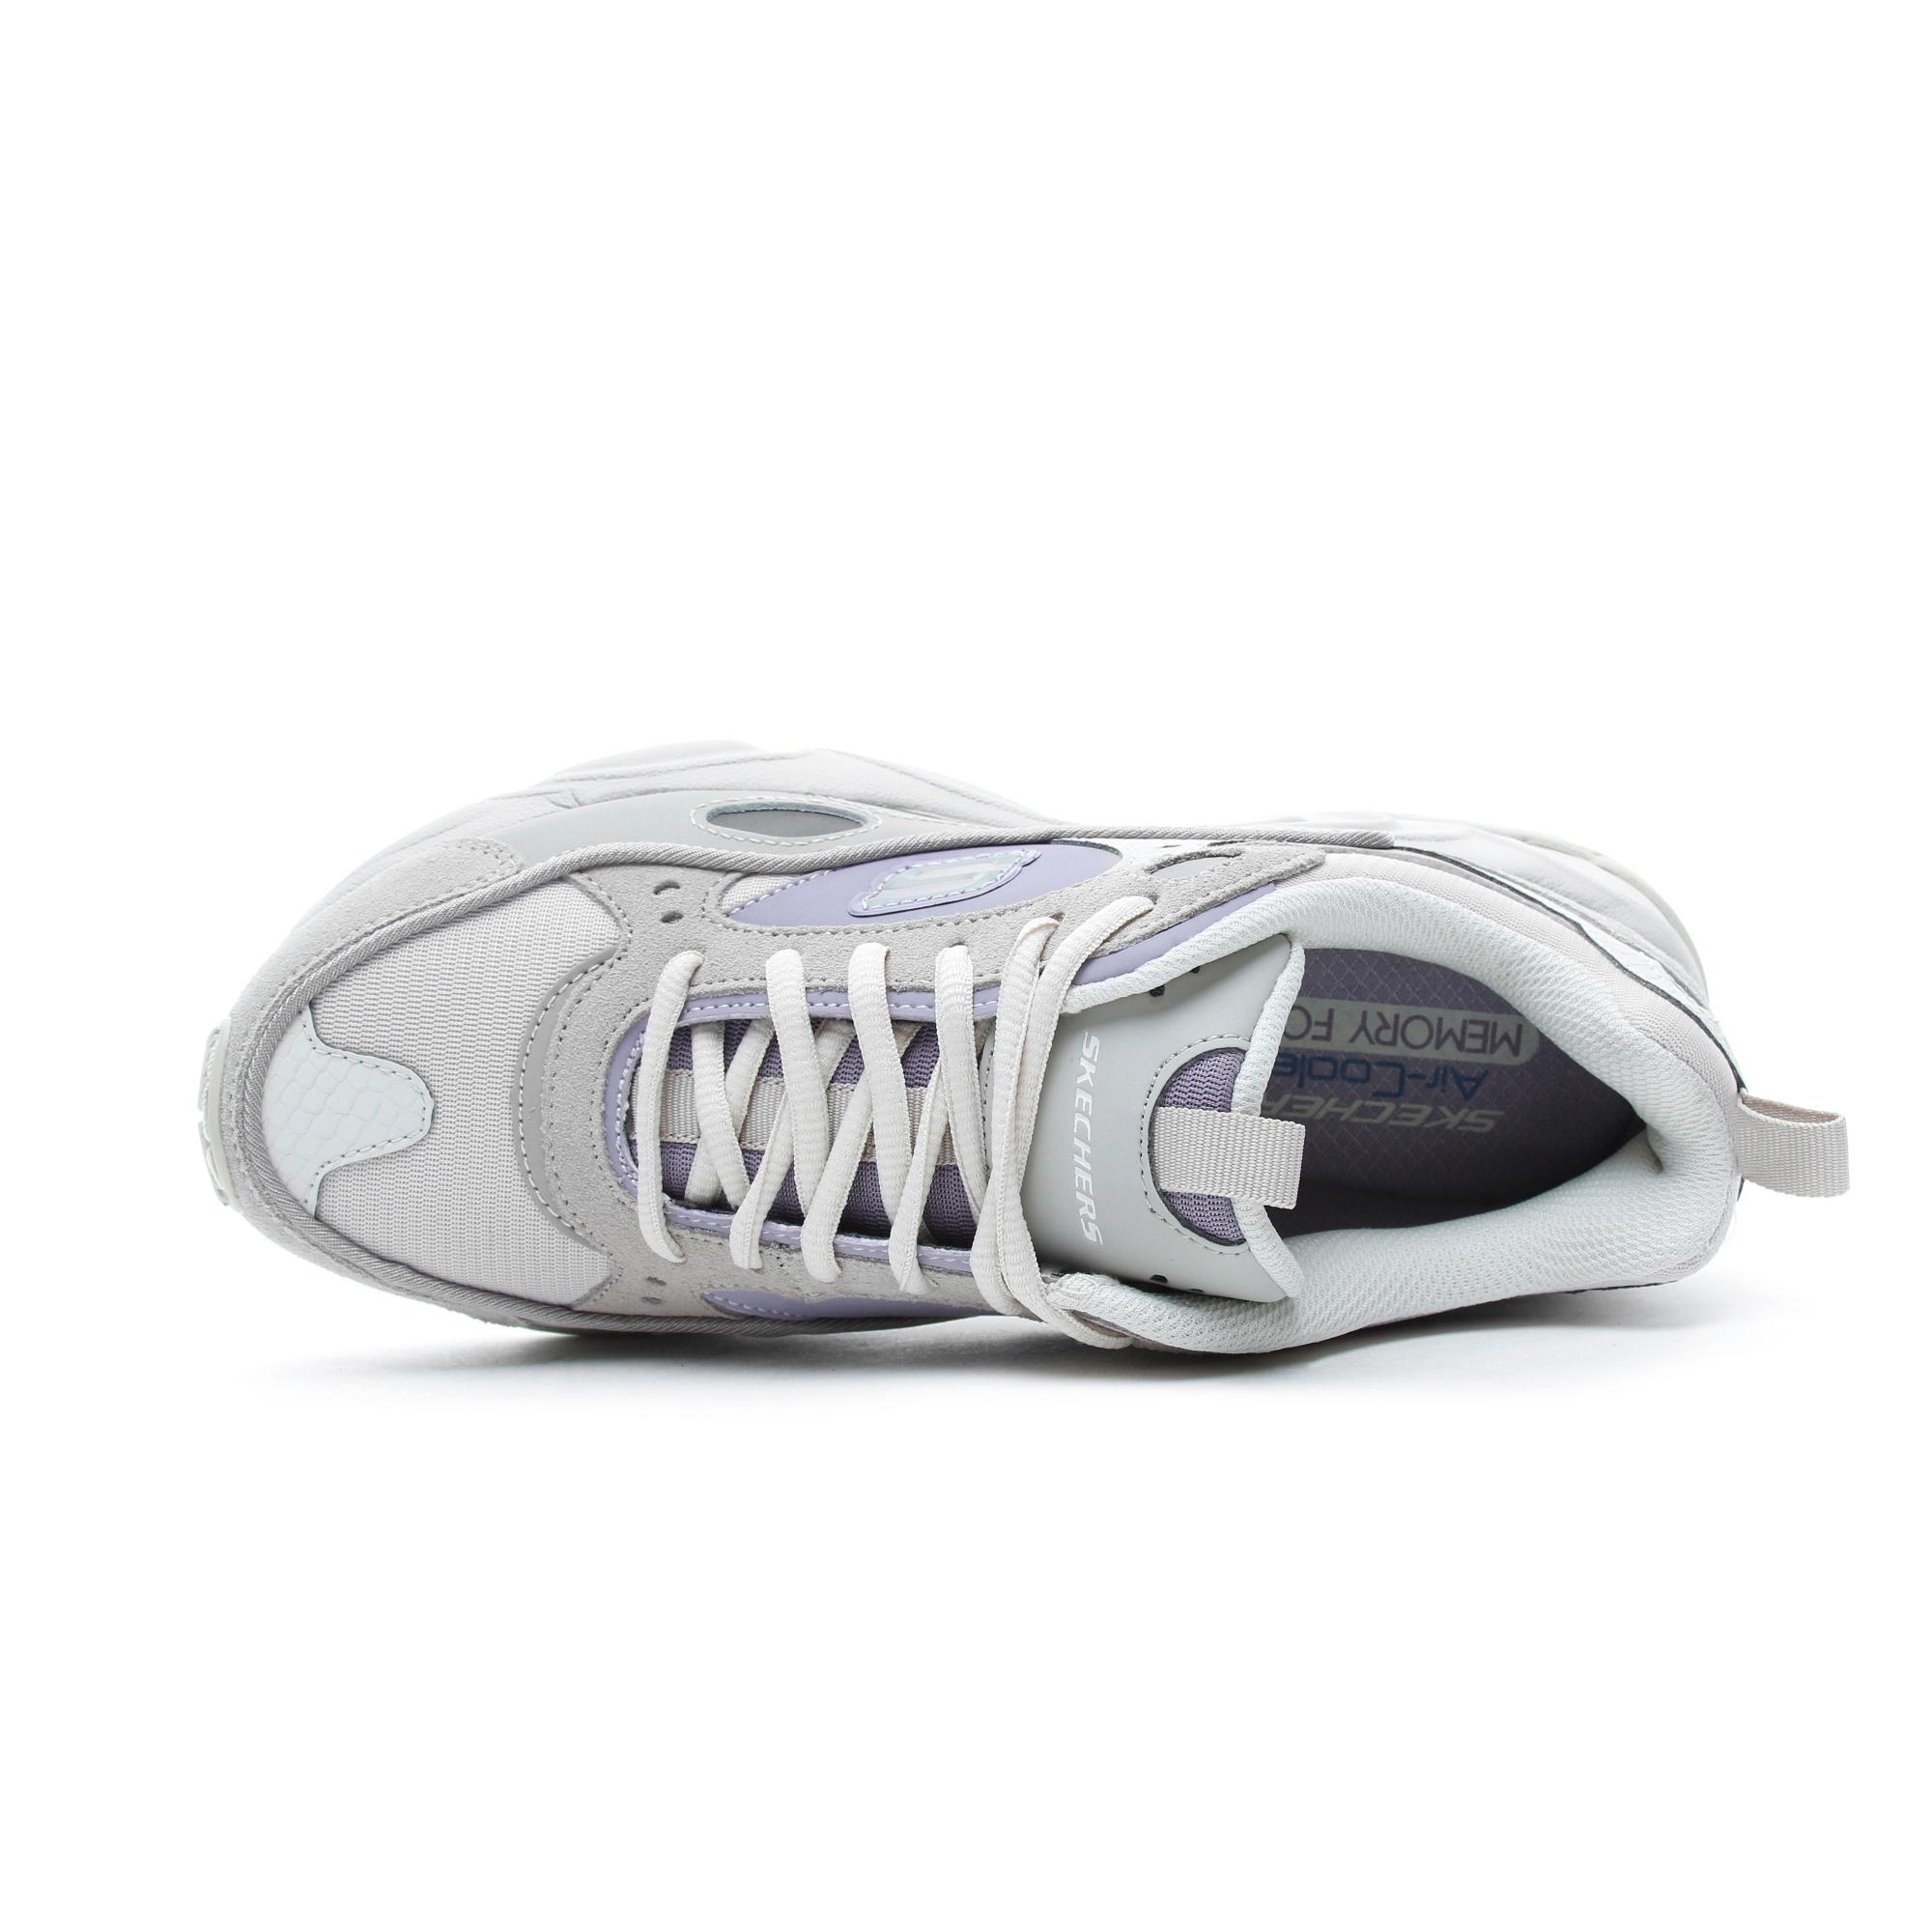 Skechers Stamina Bej Erkek Spor Ayakkabı